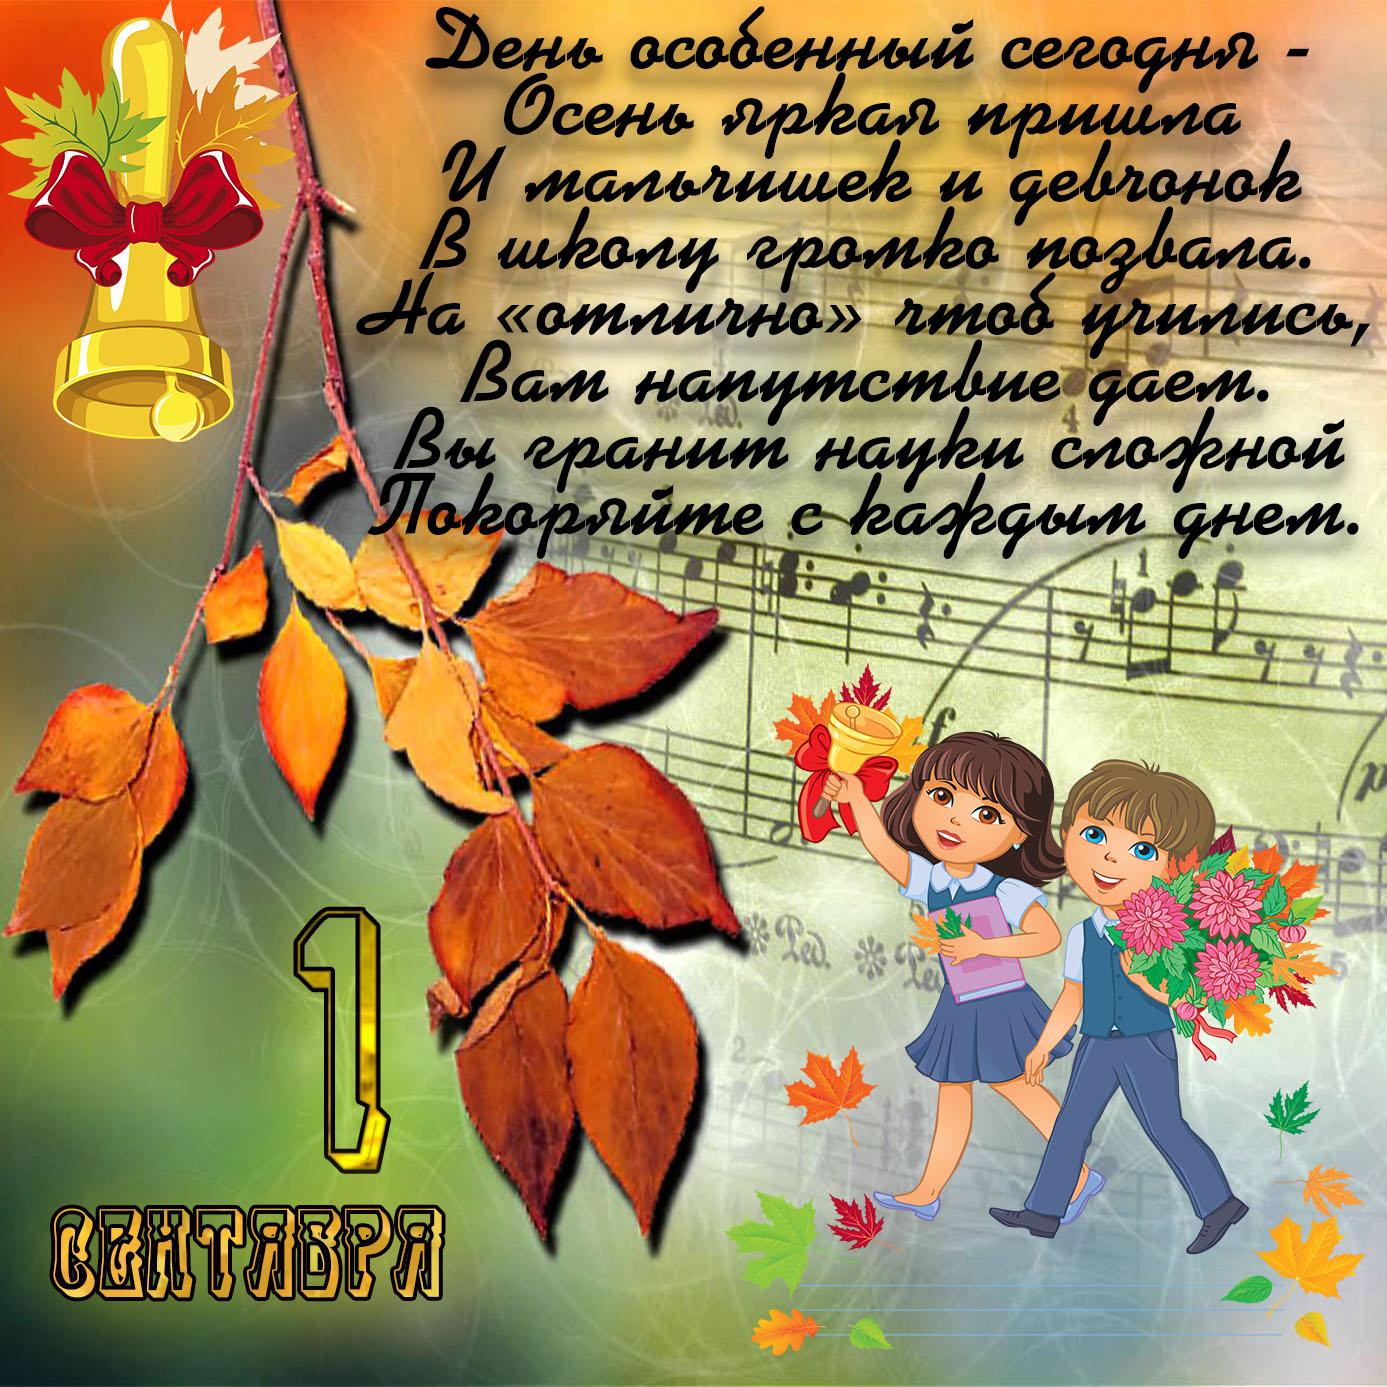 Открытка с детьми и пожеланием на 1 сентября